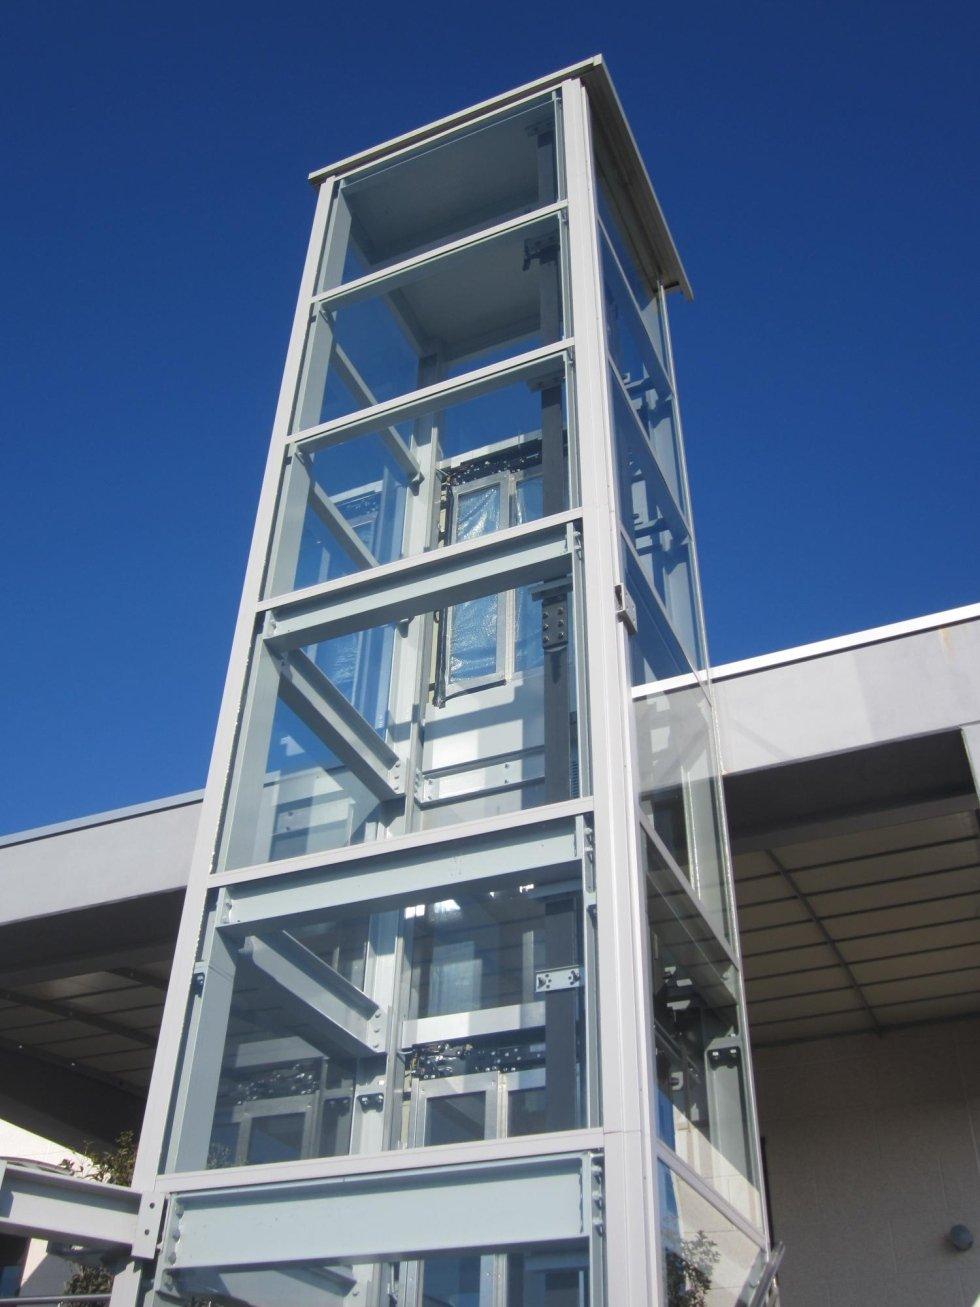 inquadratura dal basso di ascensore esterno panoramico in vetro